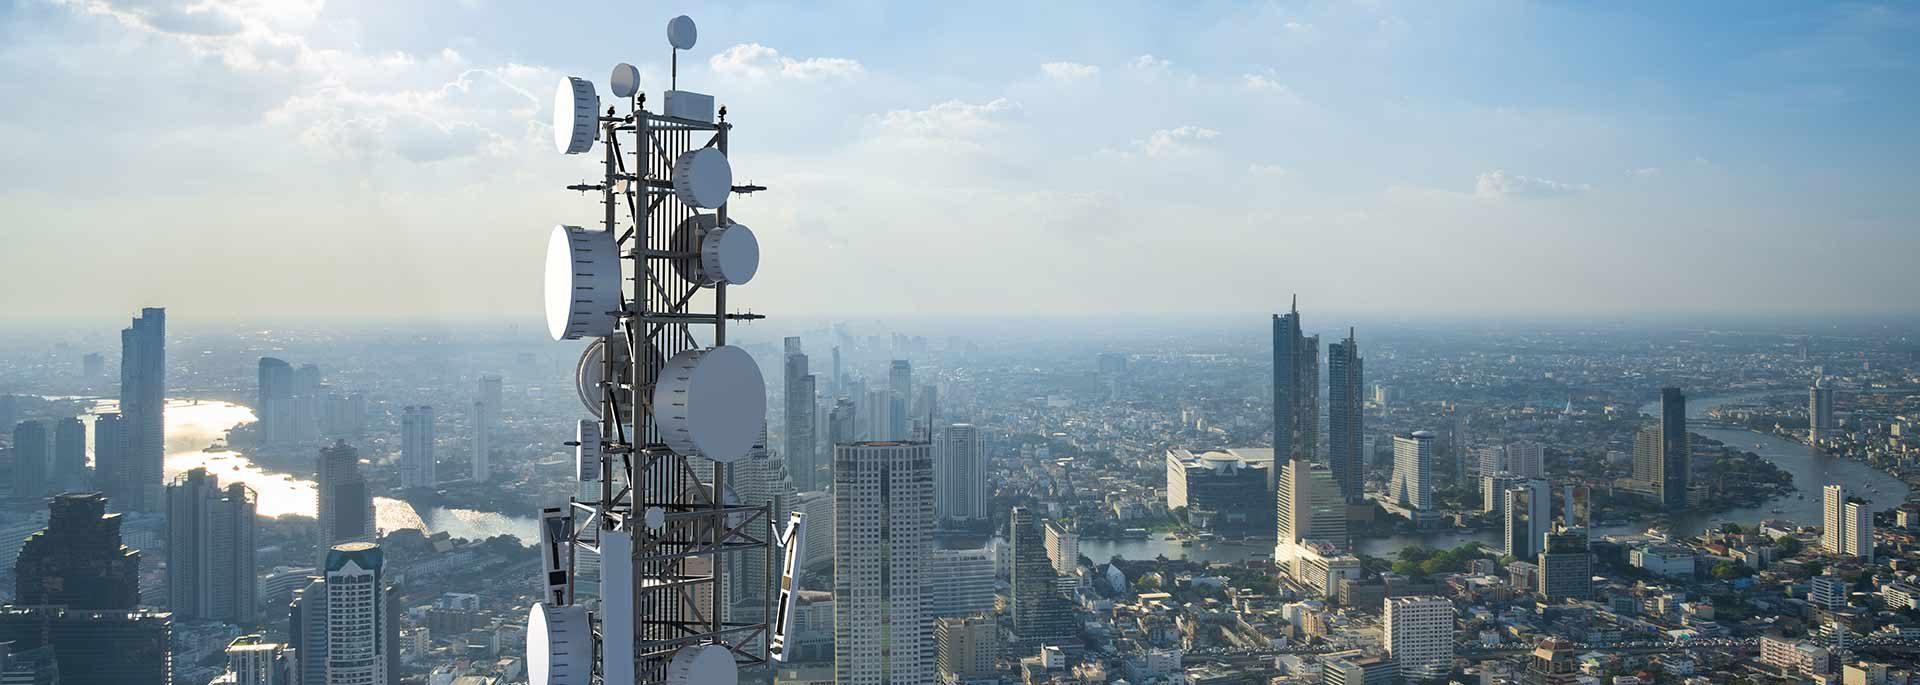 Telekommunikation mit 5G Netz